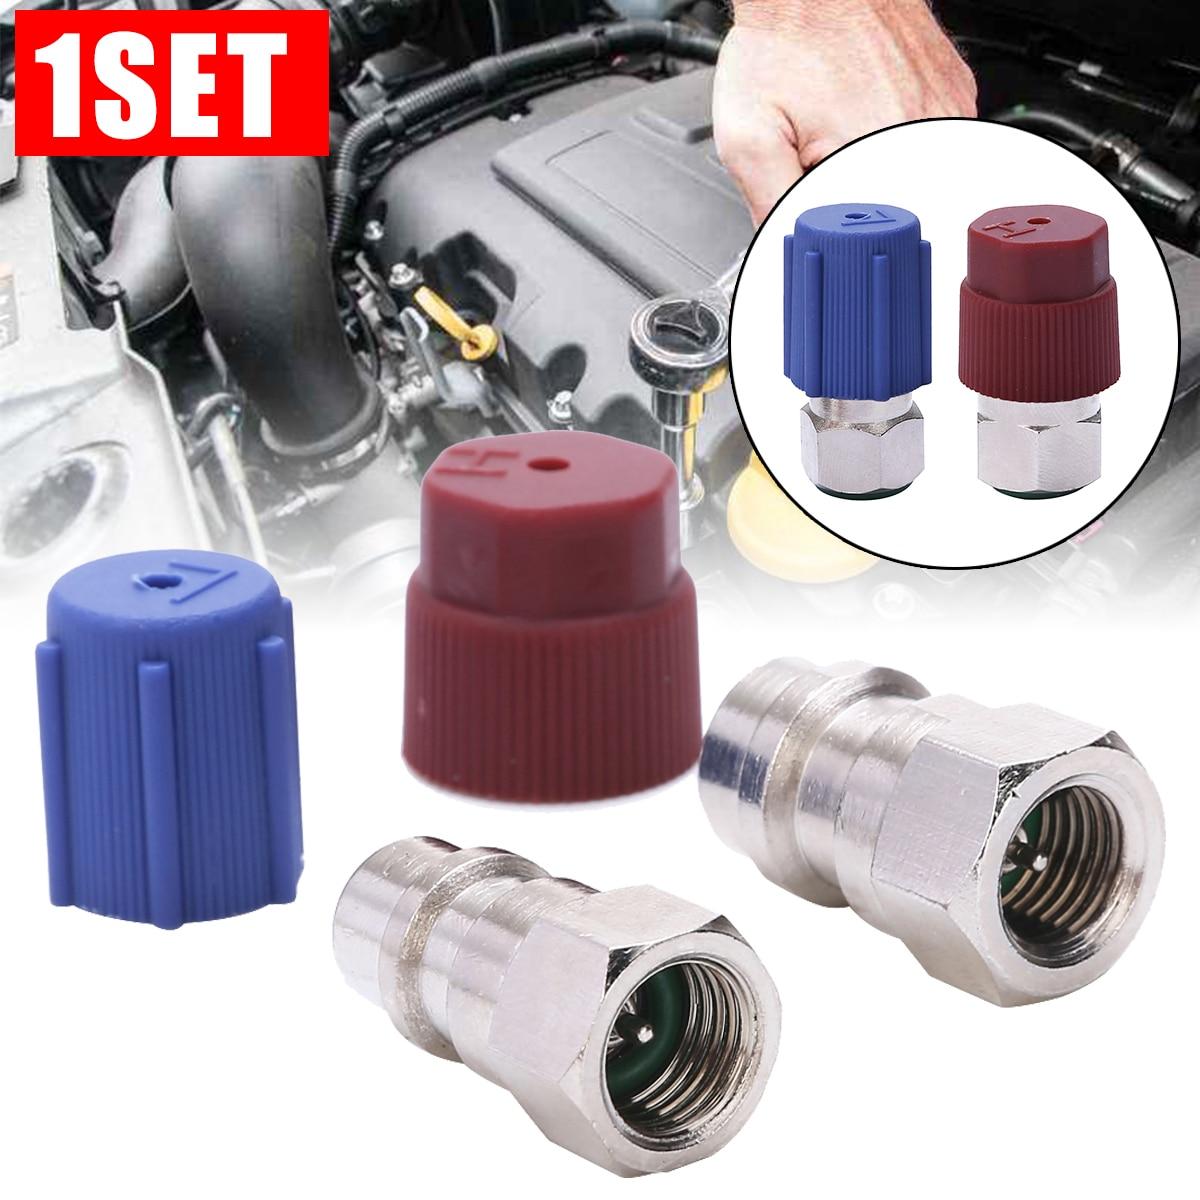 Адаптер для модификации автомобиля красного, синего цвета, 2 шт., 1/4 SAE R12 в R134a, Высокое/низкое напряжение, фитинг переменного тока для автомоб...